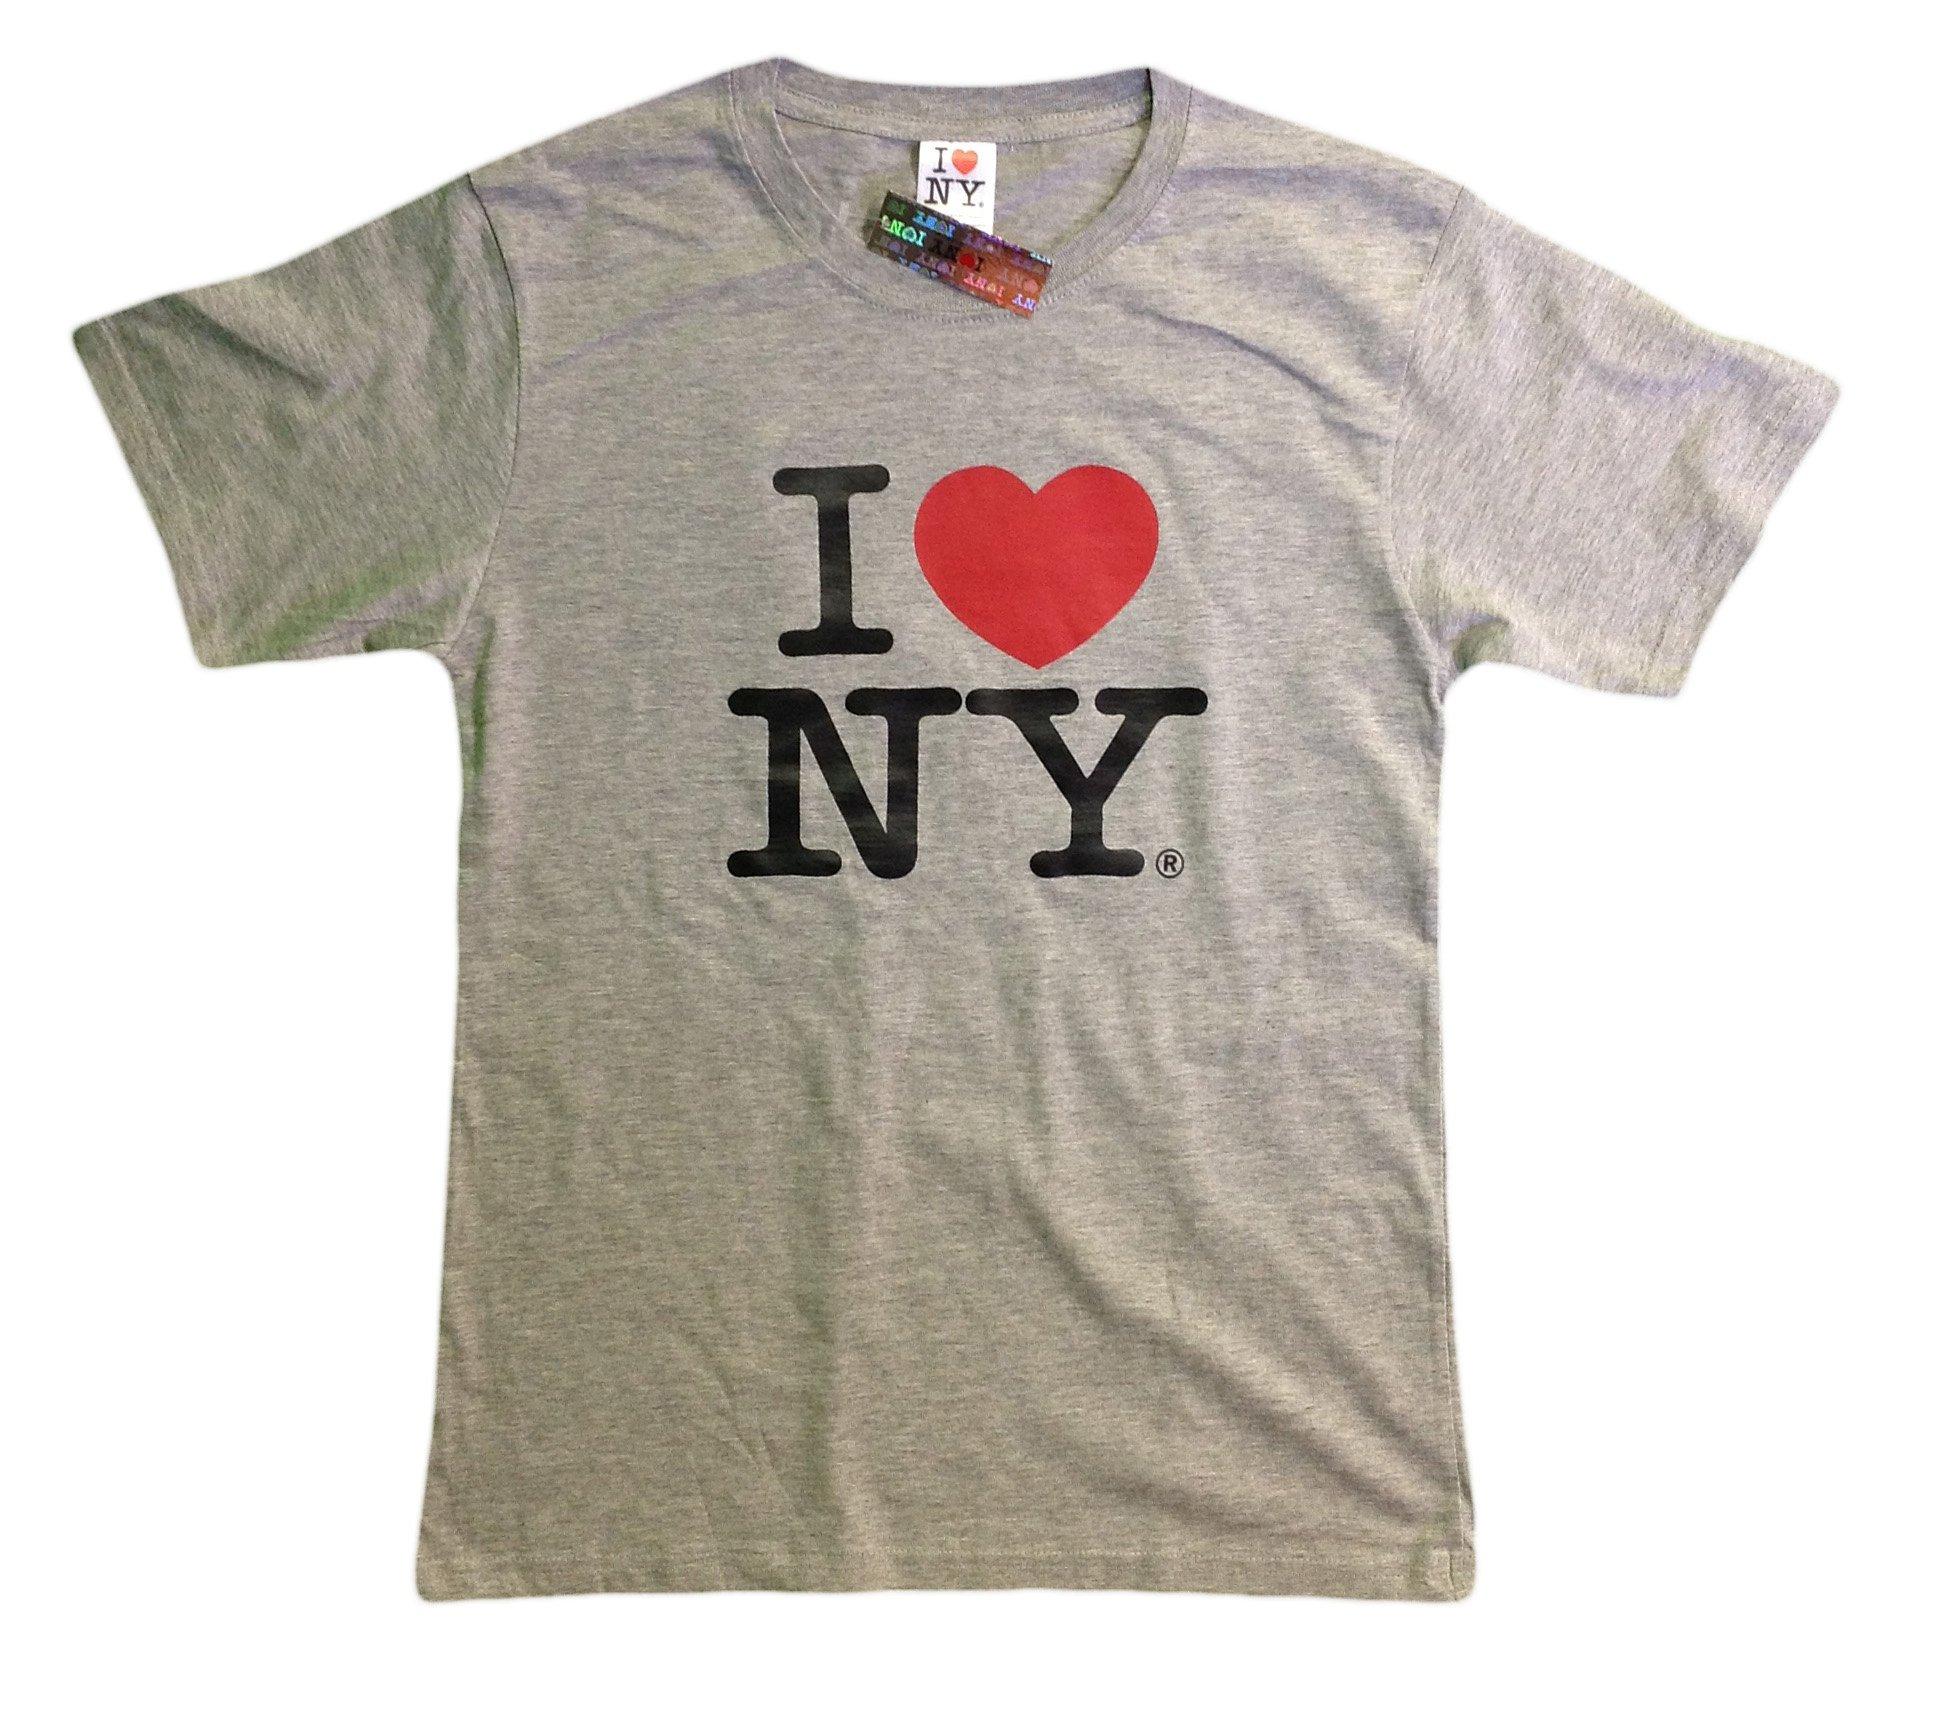 I Love NY New York Short Sleeve Screen Print Heart T-Shirt Gray Large